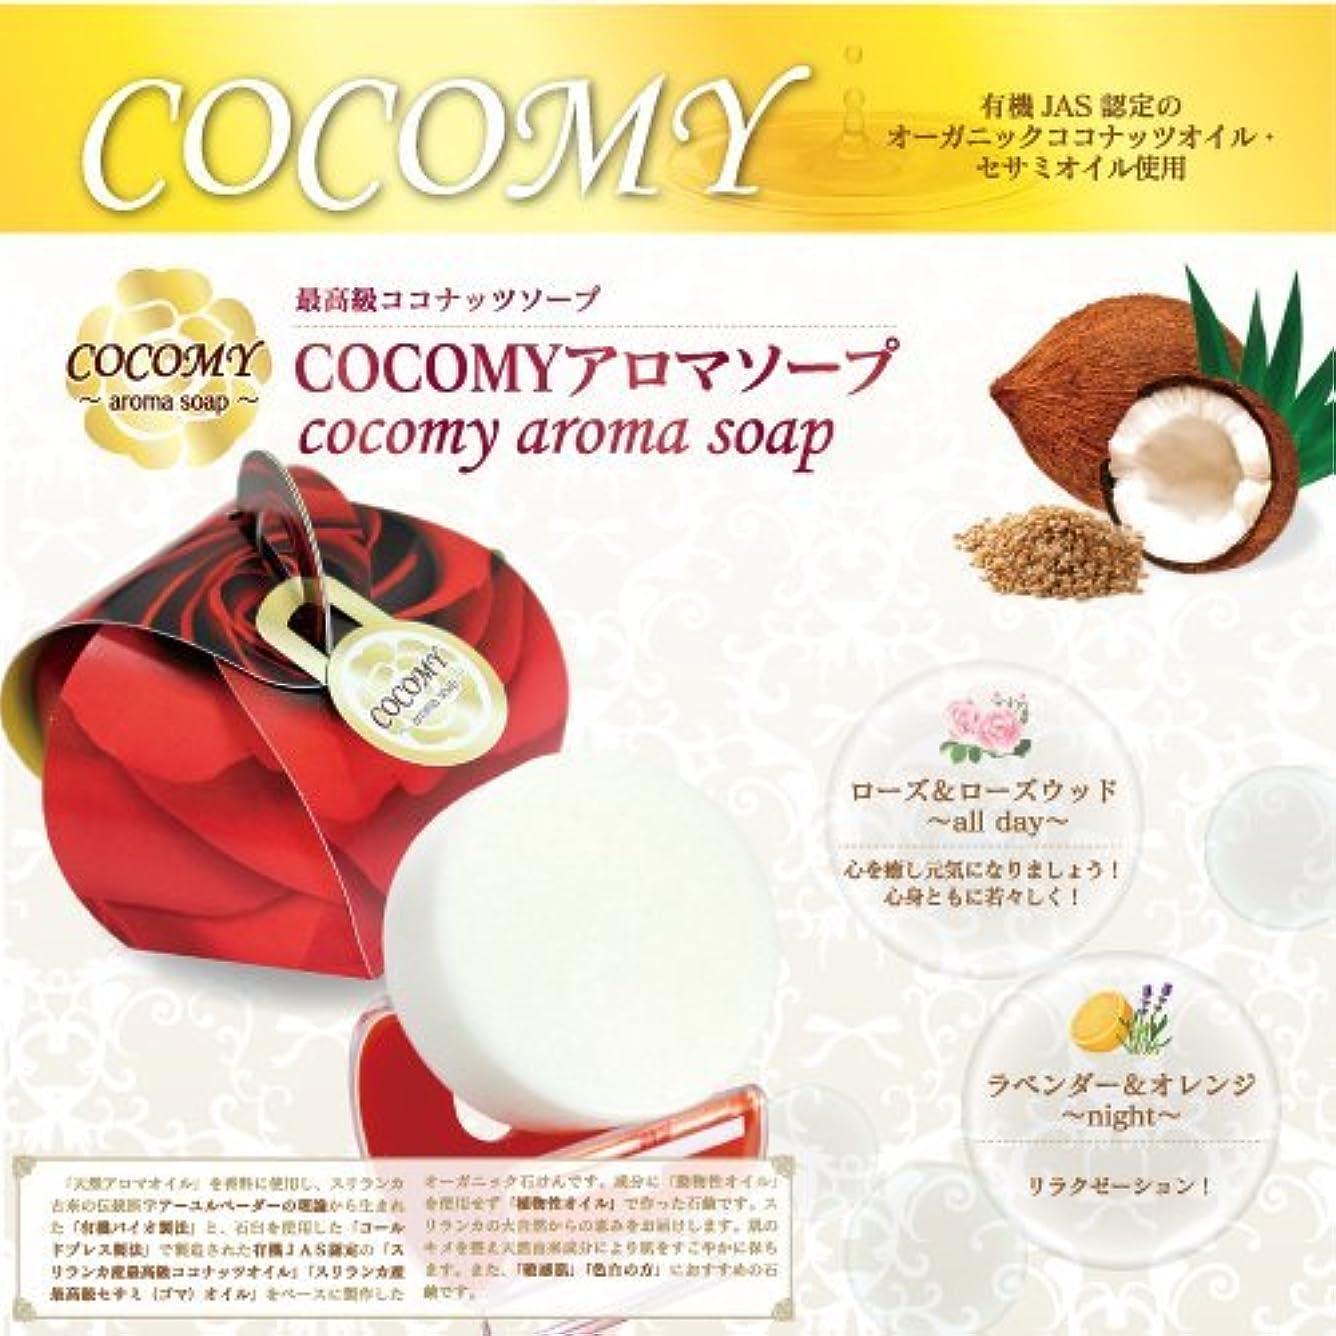 怒りしがみつく水COCOMY aromaソープ 2個セット (ラベンダー&オレンジ)(ローズ&ローズウッド)40g×各1